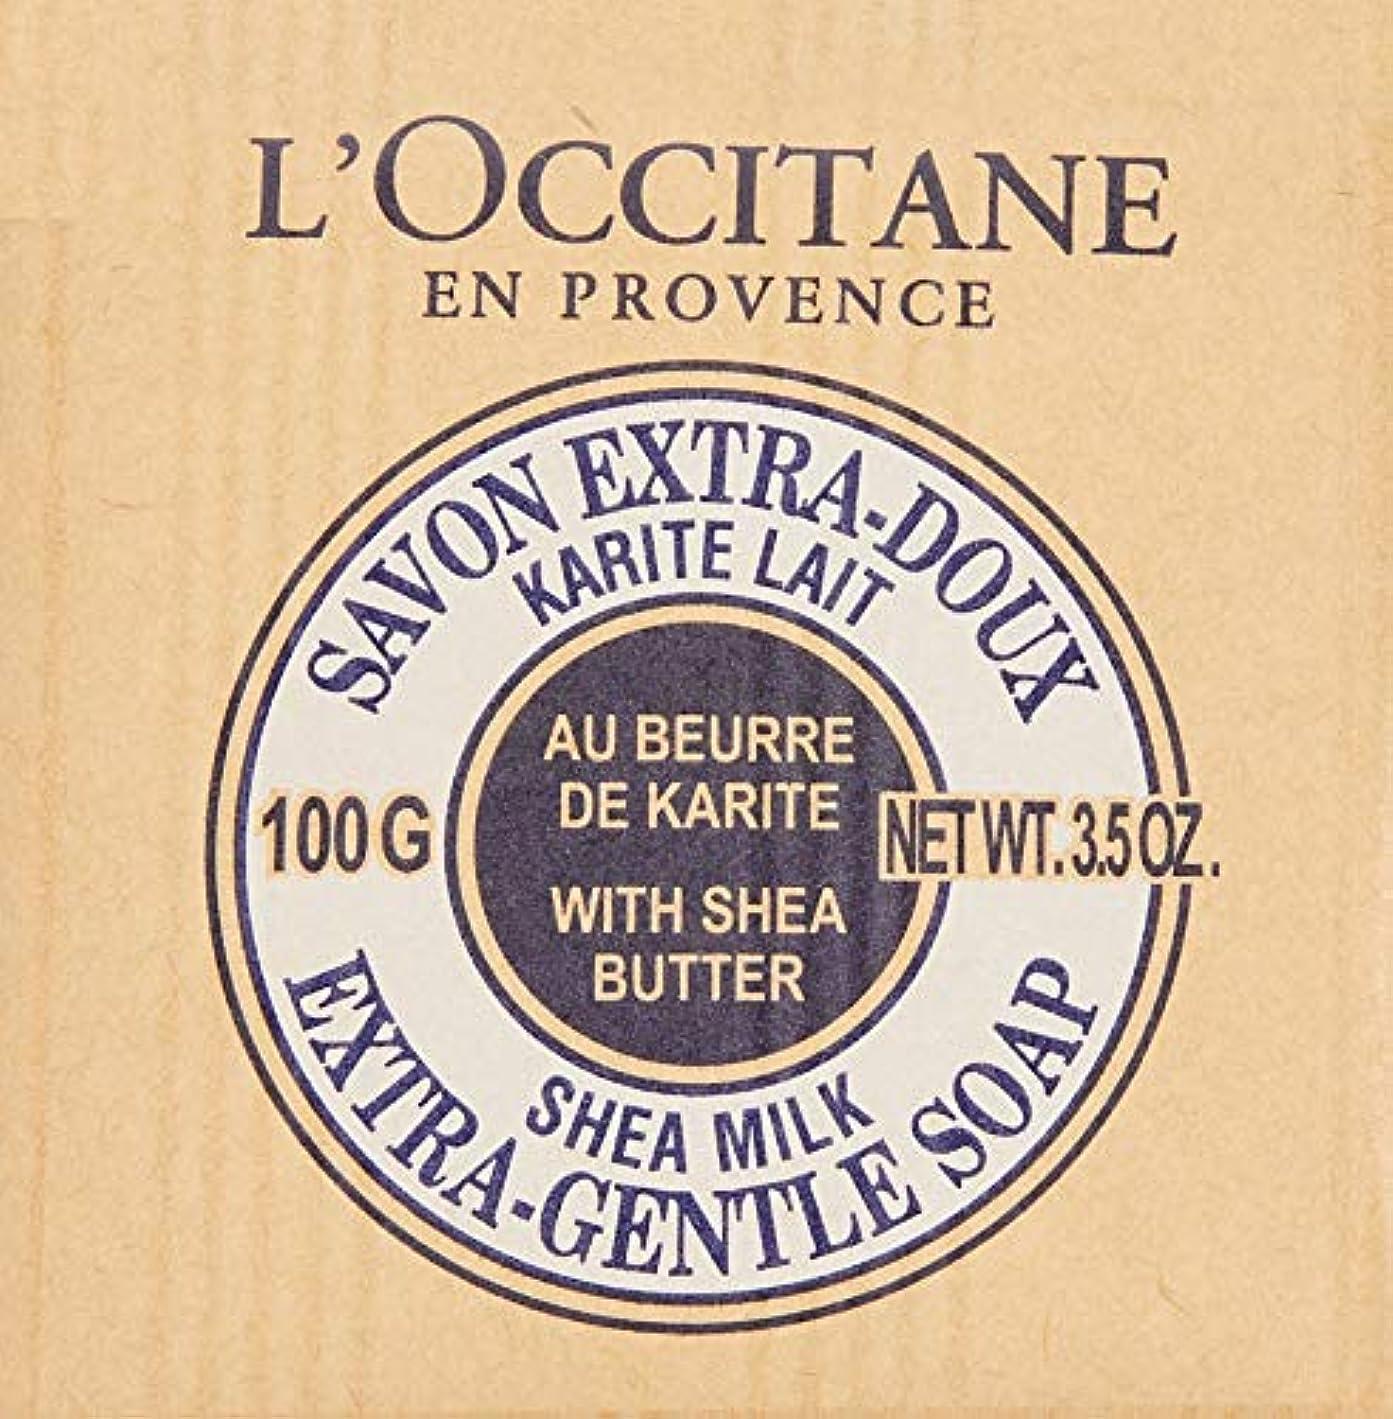 短命トイレ大使ロクシタン(L'OCCITANE) シアソープ ミルク 100g